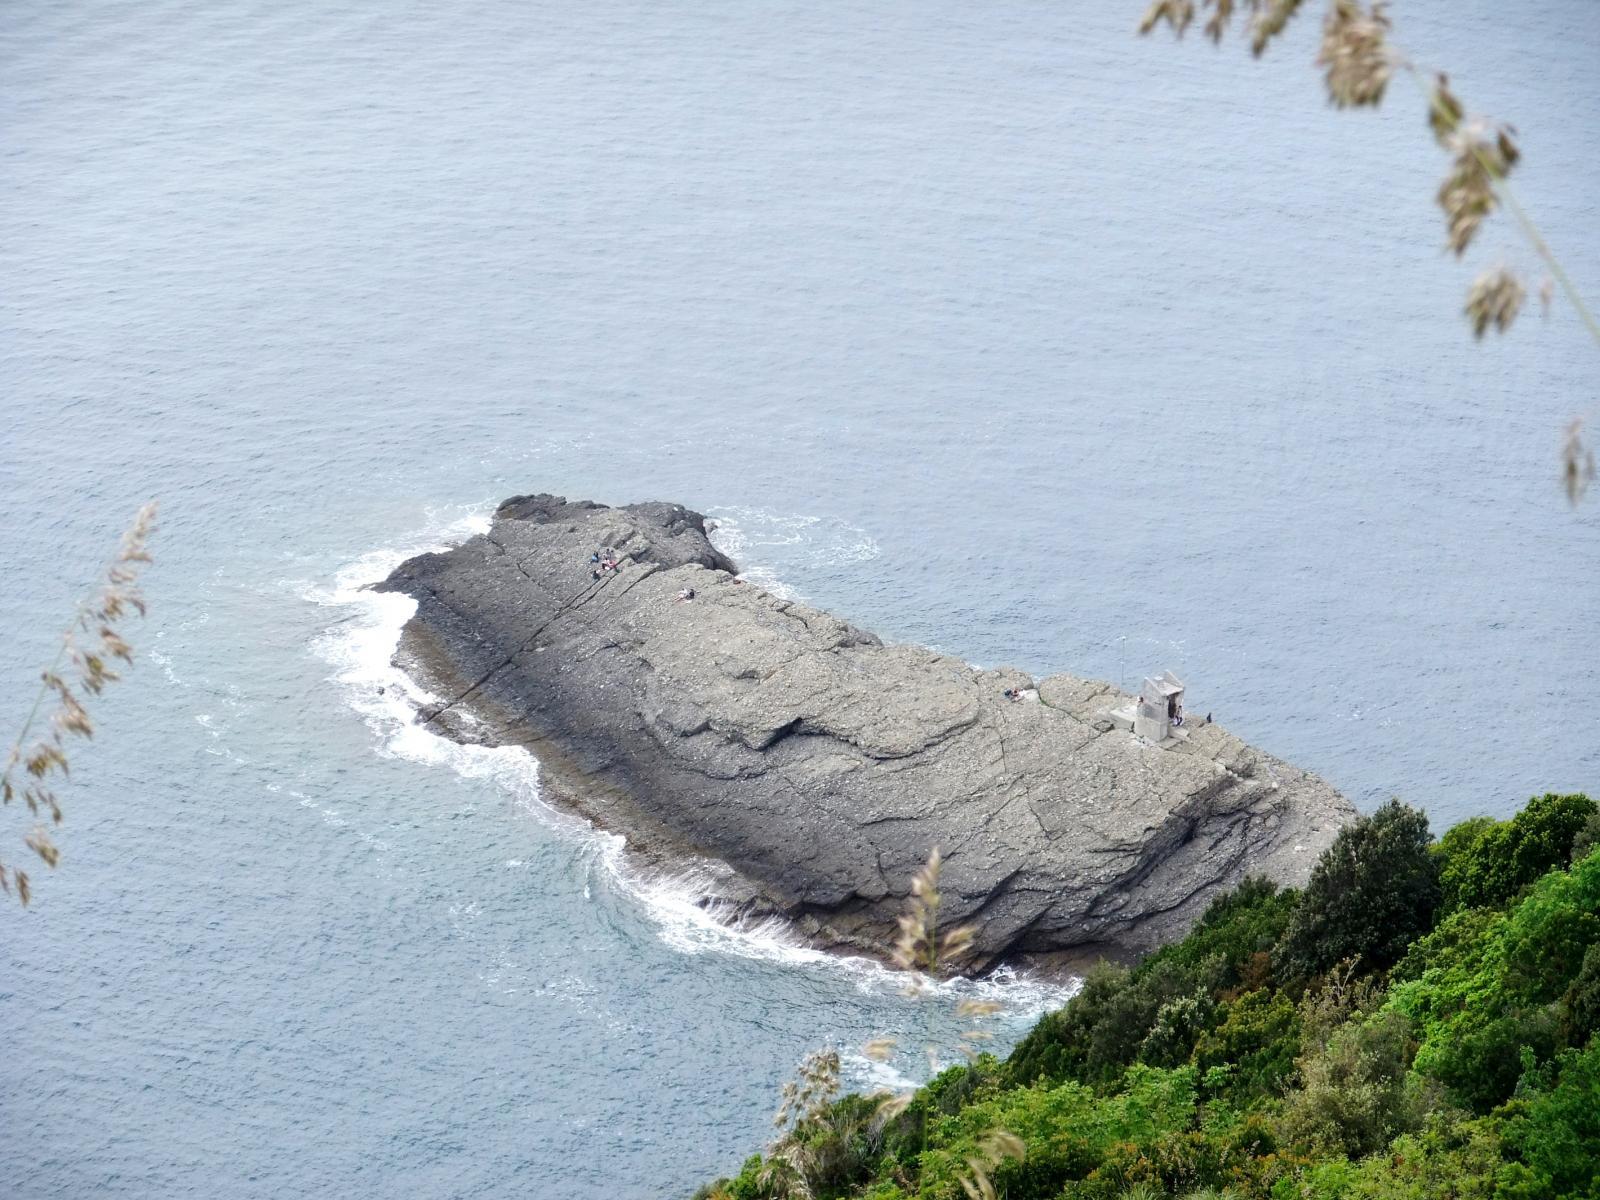 Quasi a Punta Chiappa...